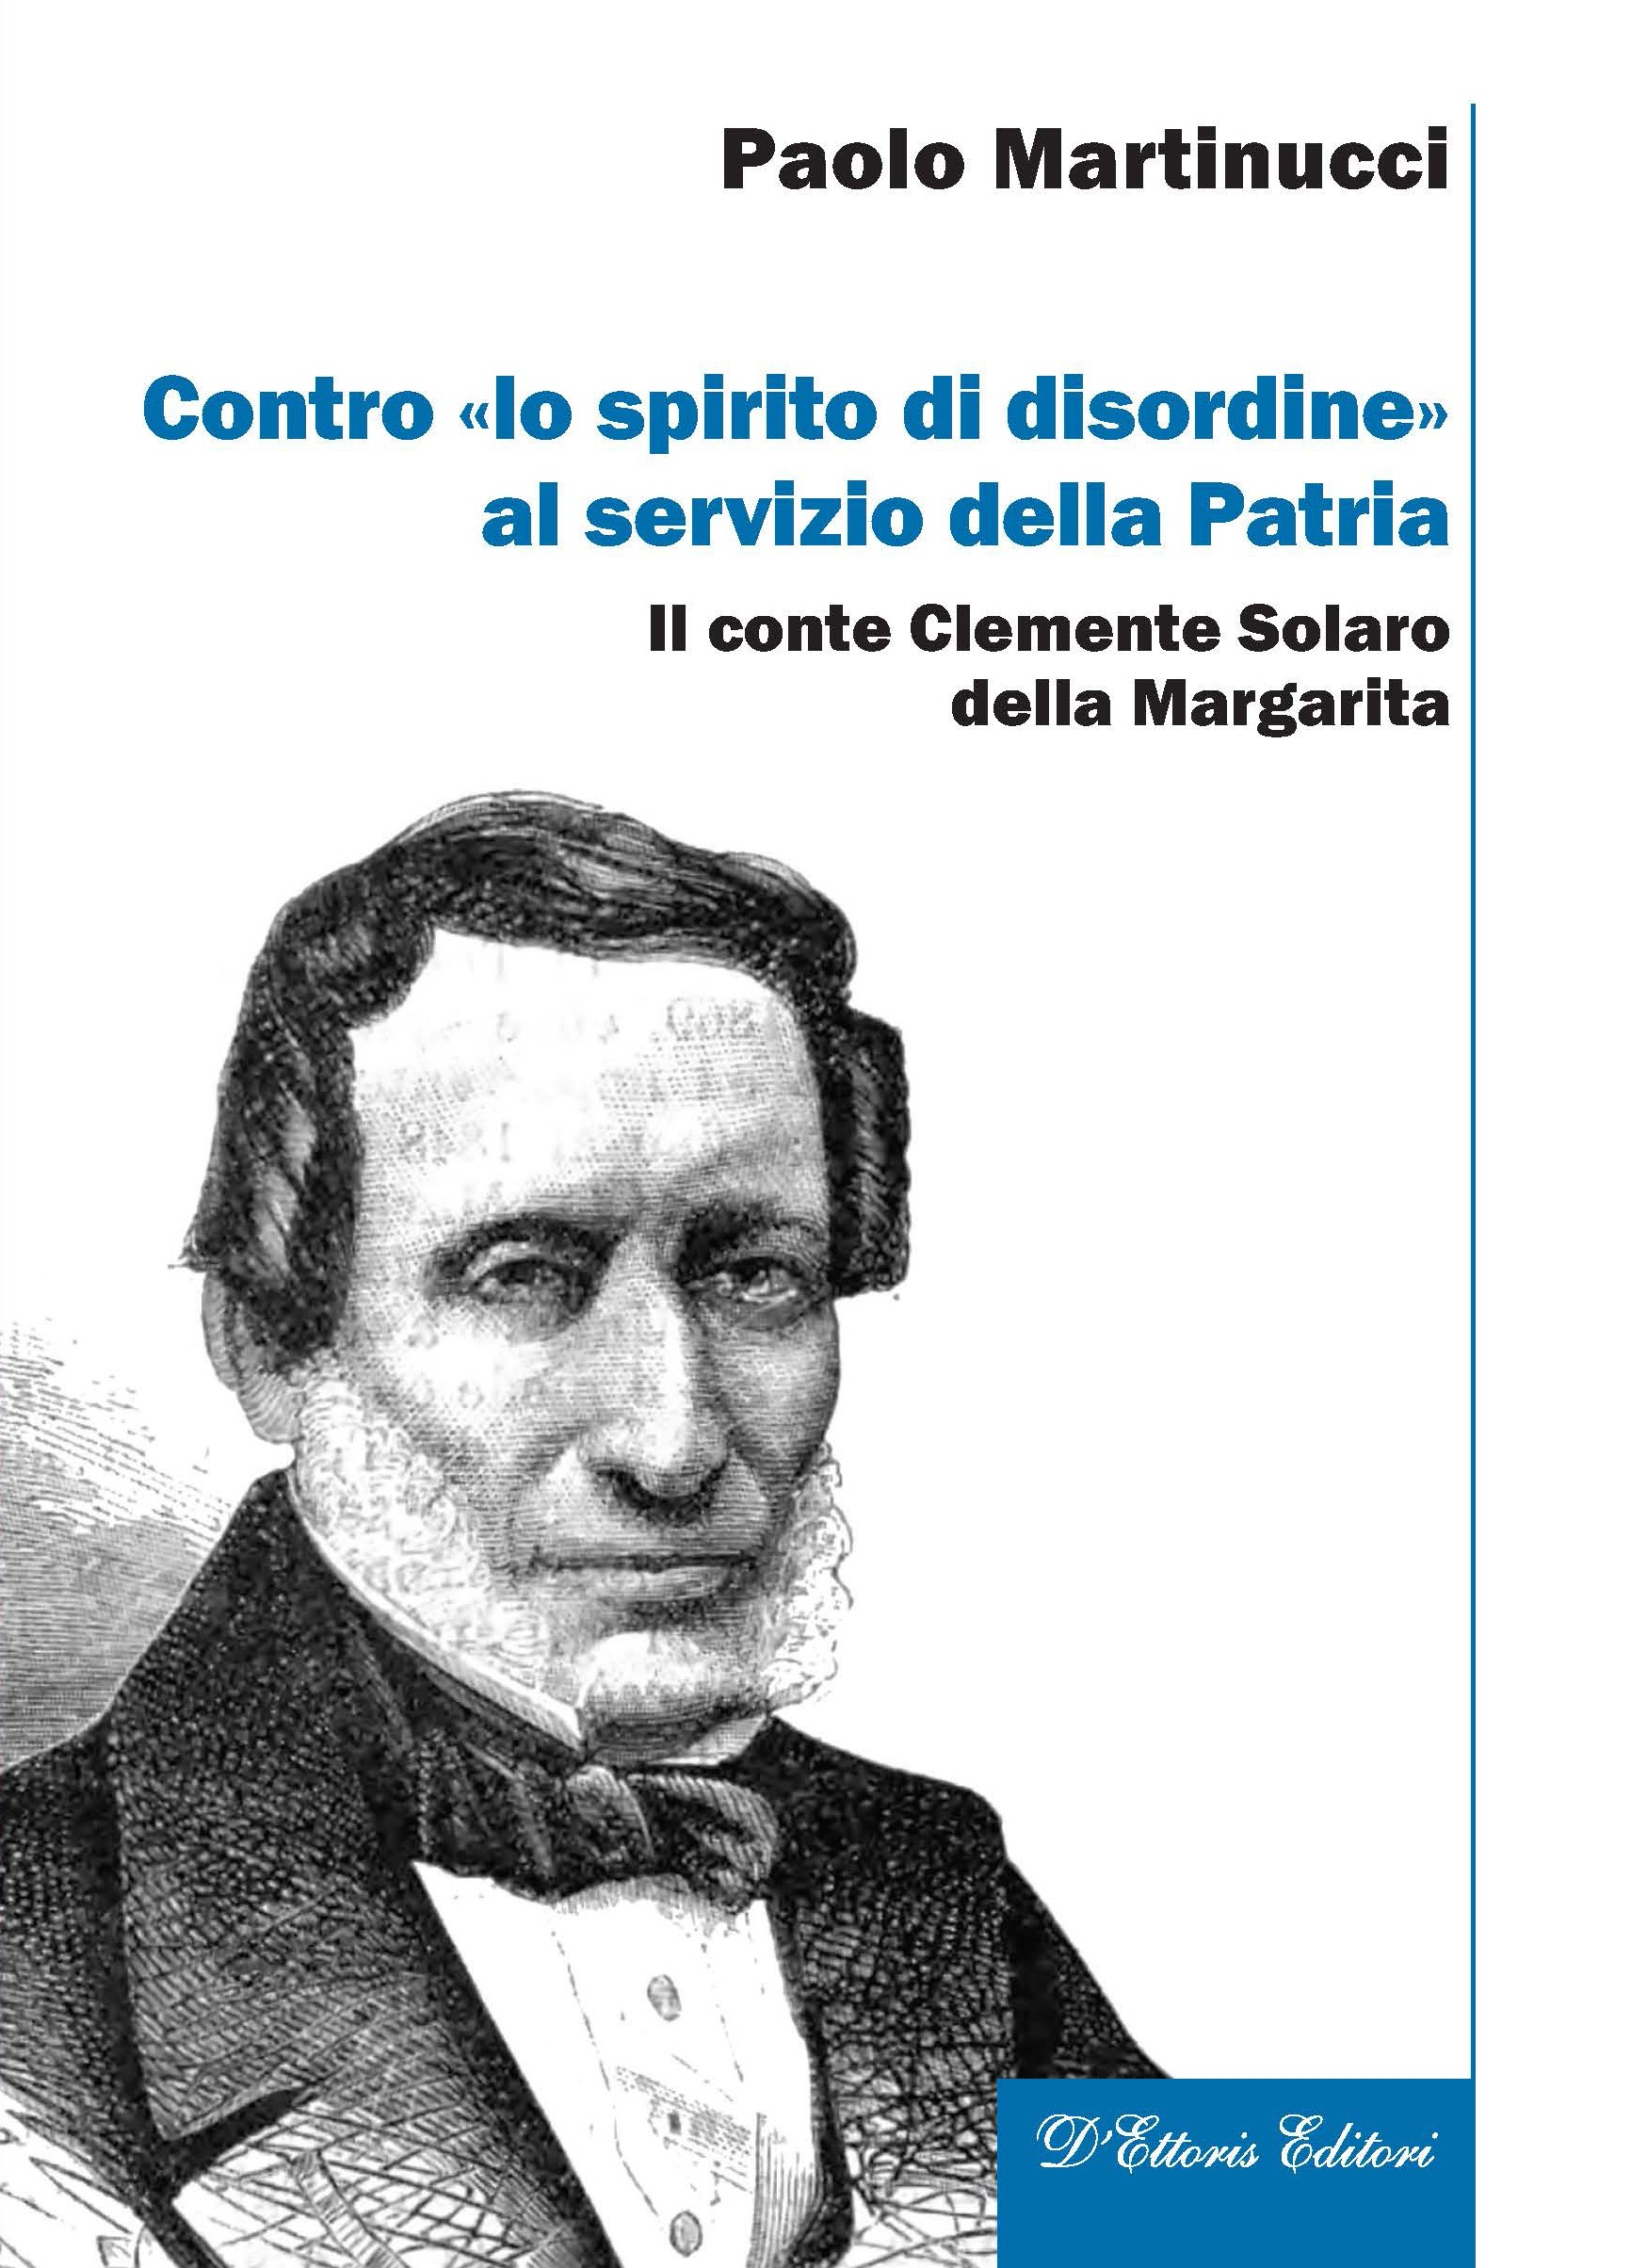 Anticipazioni editoriali: il conte Clemente Solaro della Margarita al servizio della Patria